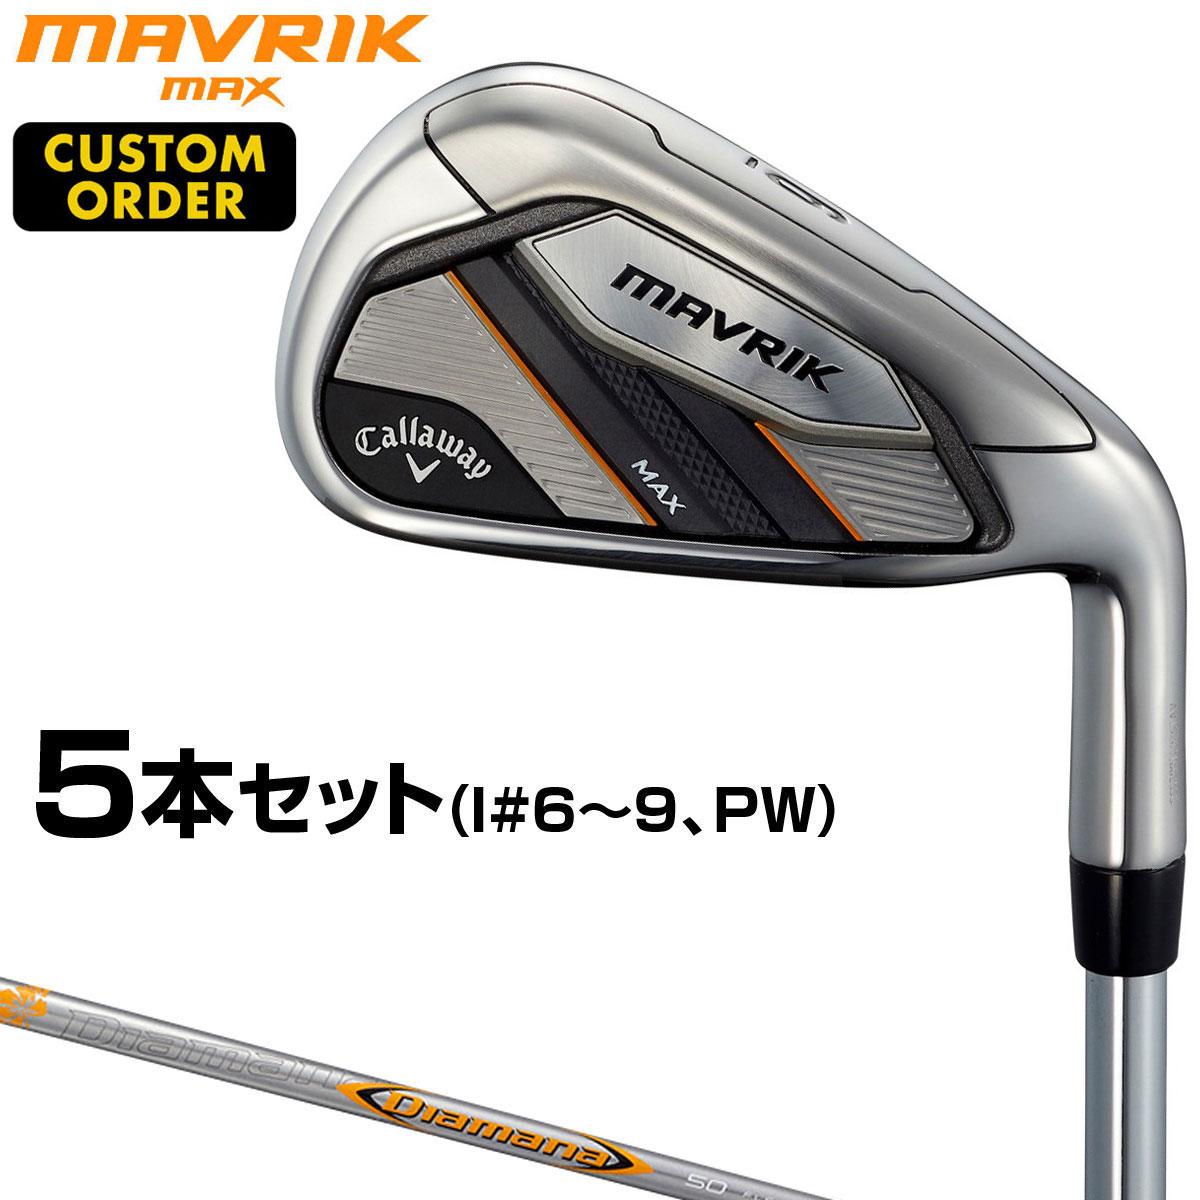 【カスタムクラブ】 Callaway(キャロウェイ)日本正規品 MAVRIK MAX(マーベリックマックス)アイアン 2020新製品 Diamana 50 for Callawayカーボンシャフト 5本セット(I#6~9、PW)